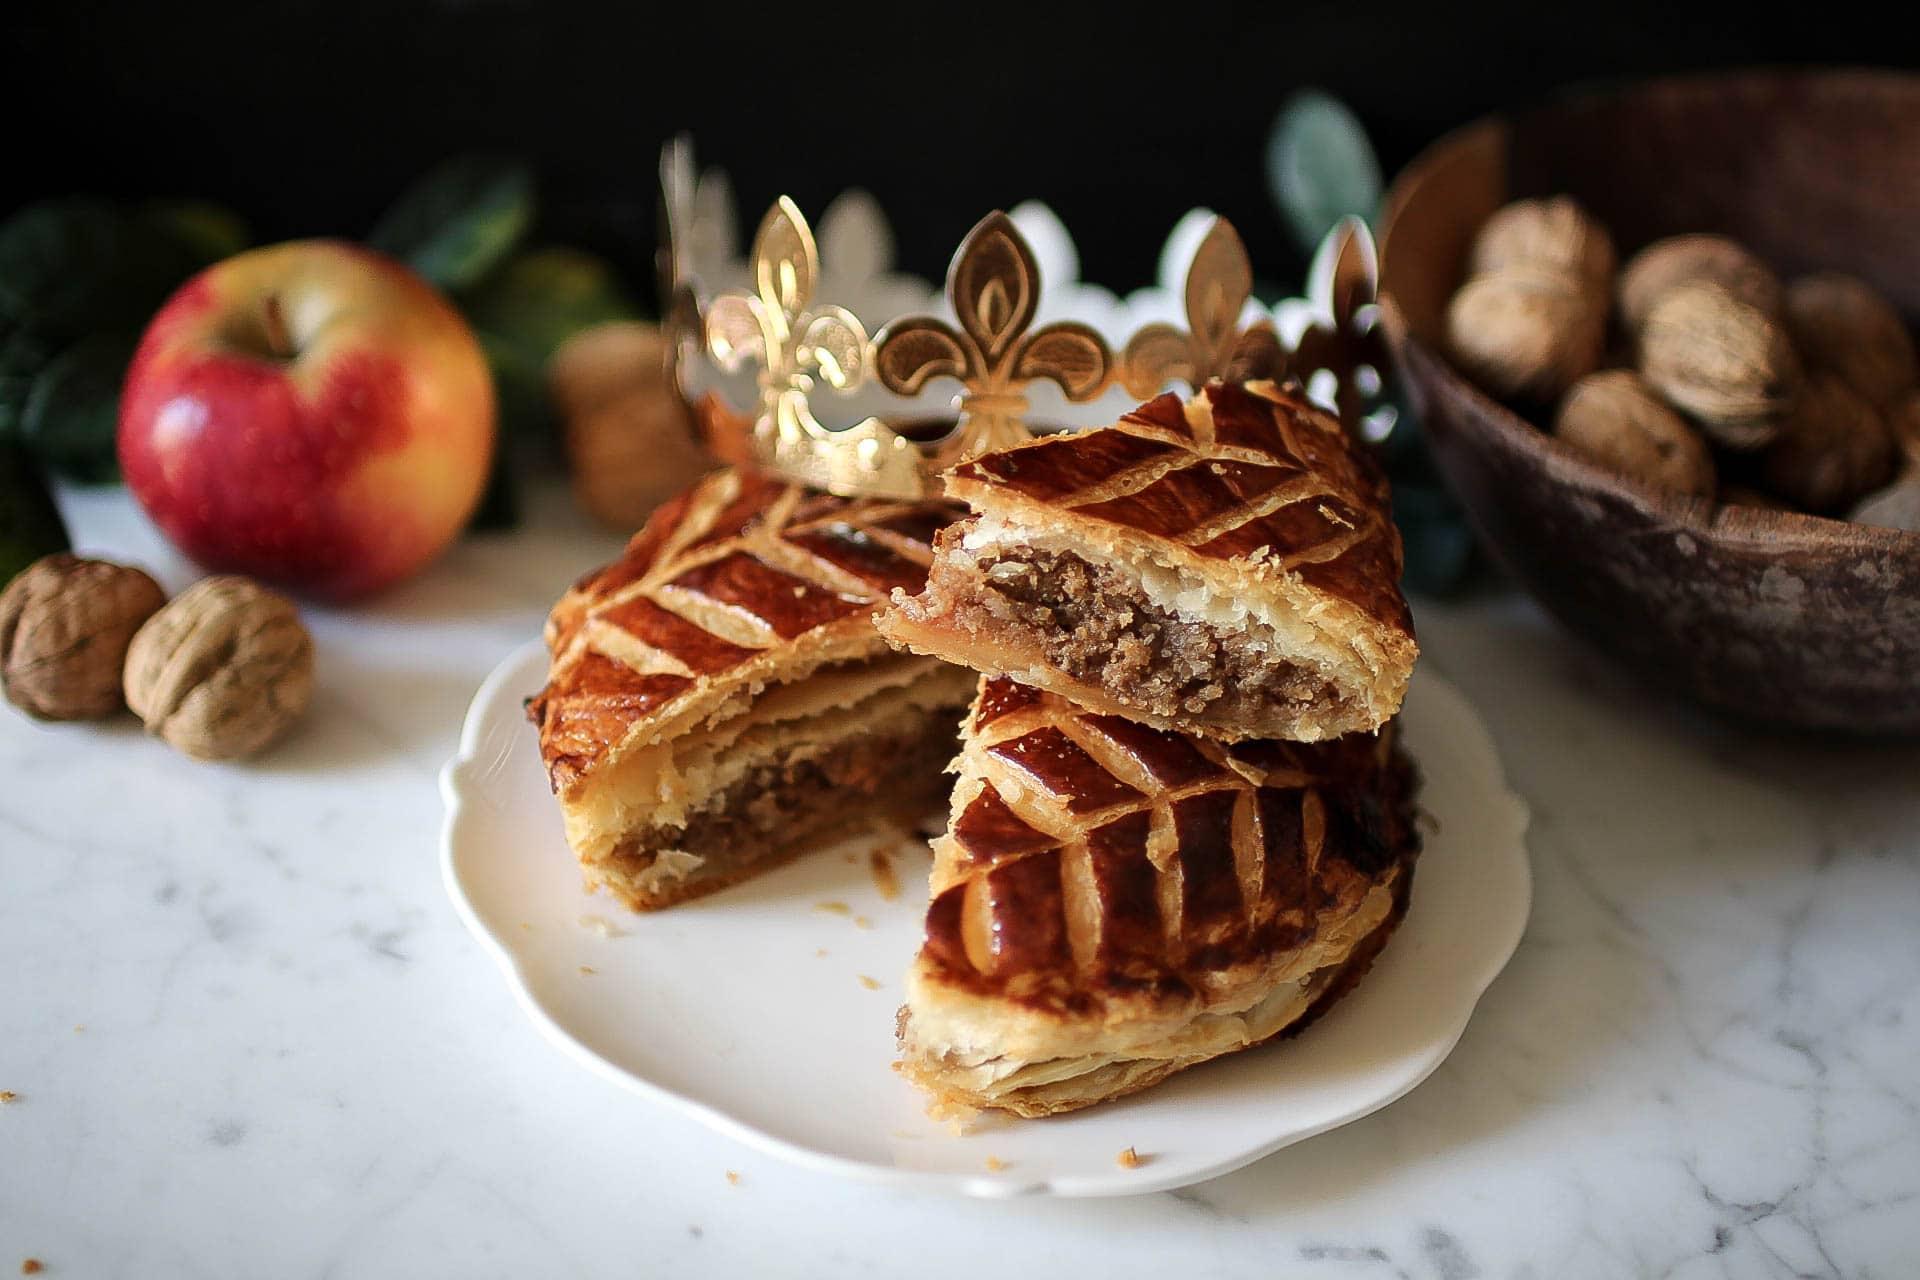 Galette Des Rois 2020: The King's Cake — My Private Paris Tours avec Image De Galette Des Rois